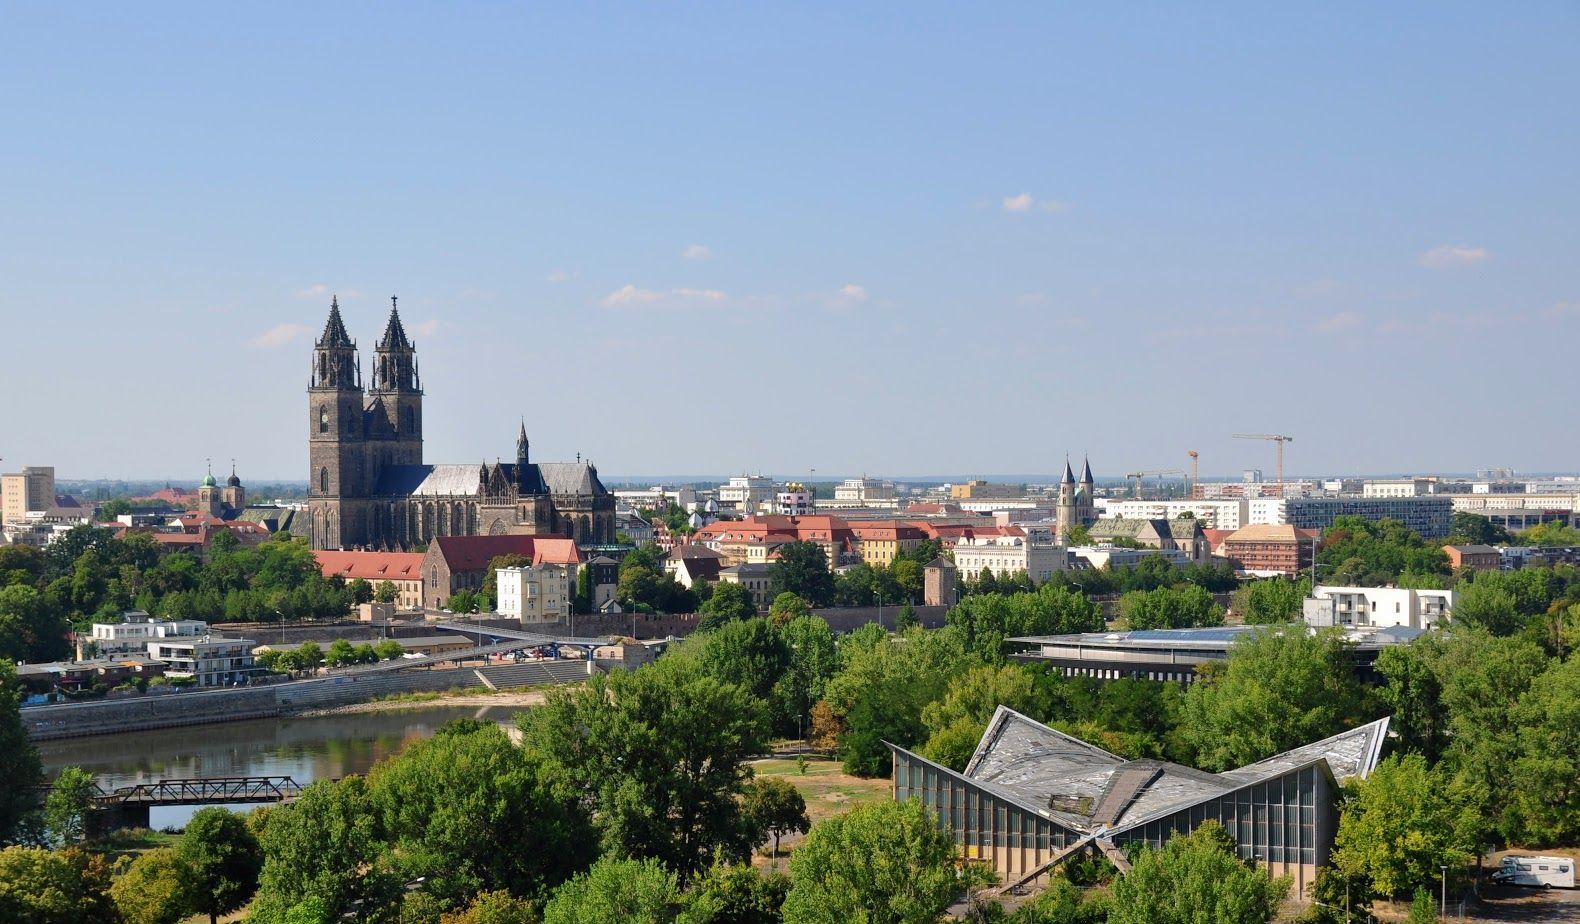 Magdeburg Bietet Ein Unvergessliches Familienabenteuer Zu Land Wasser Und In Der Luft Magdeburg Familienwochenende Stadt Magdeburg